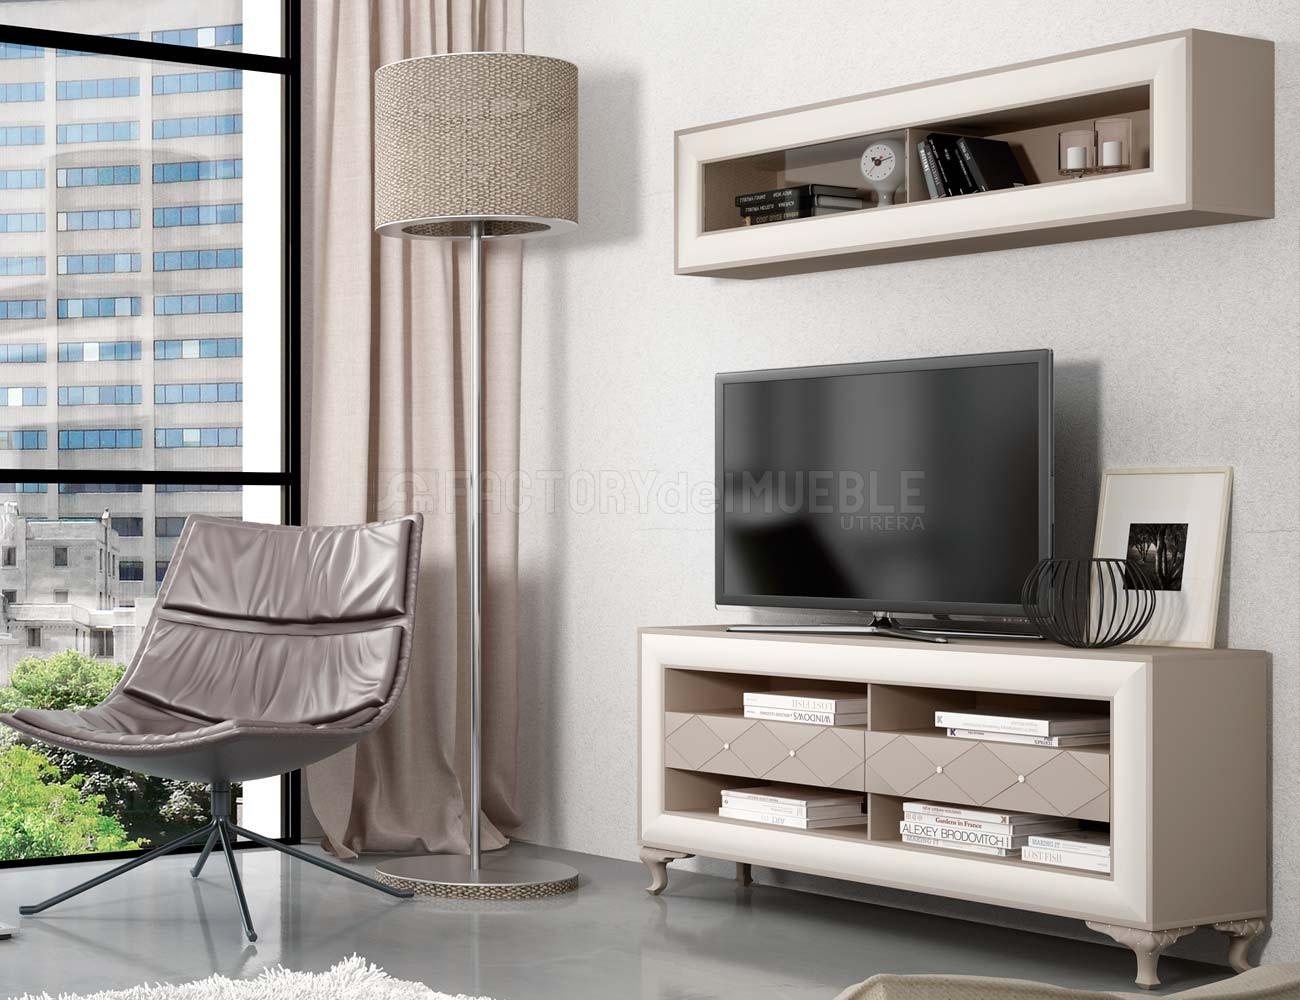 Muebles estilo romantico fabulous vista frontal del for Muebles romanticos blancos